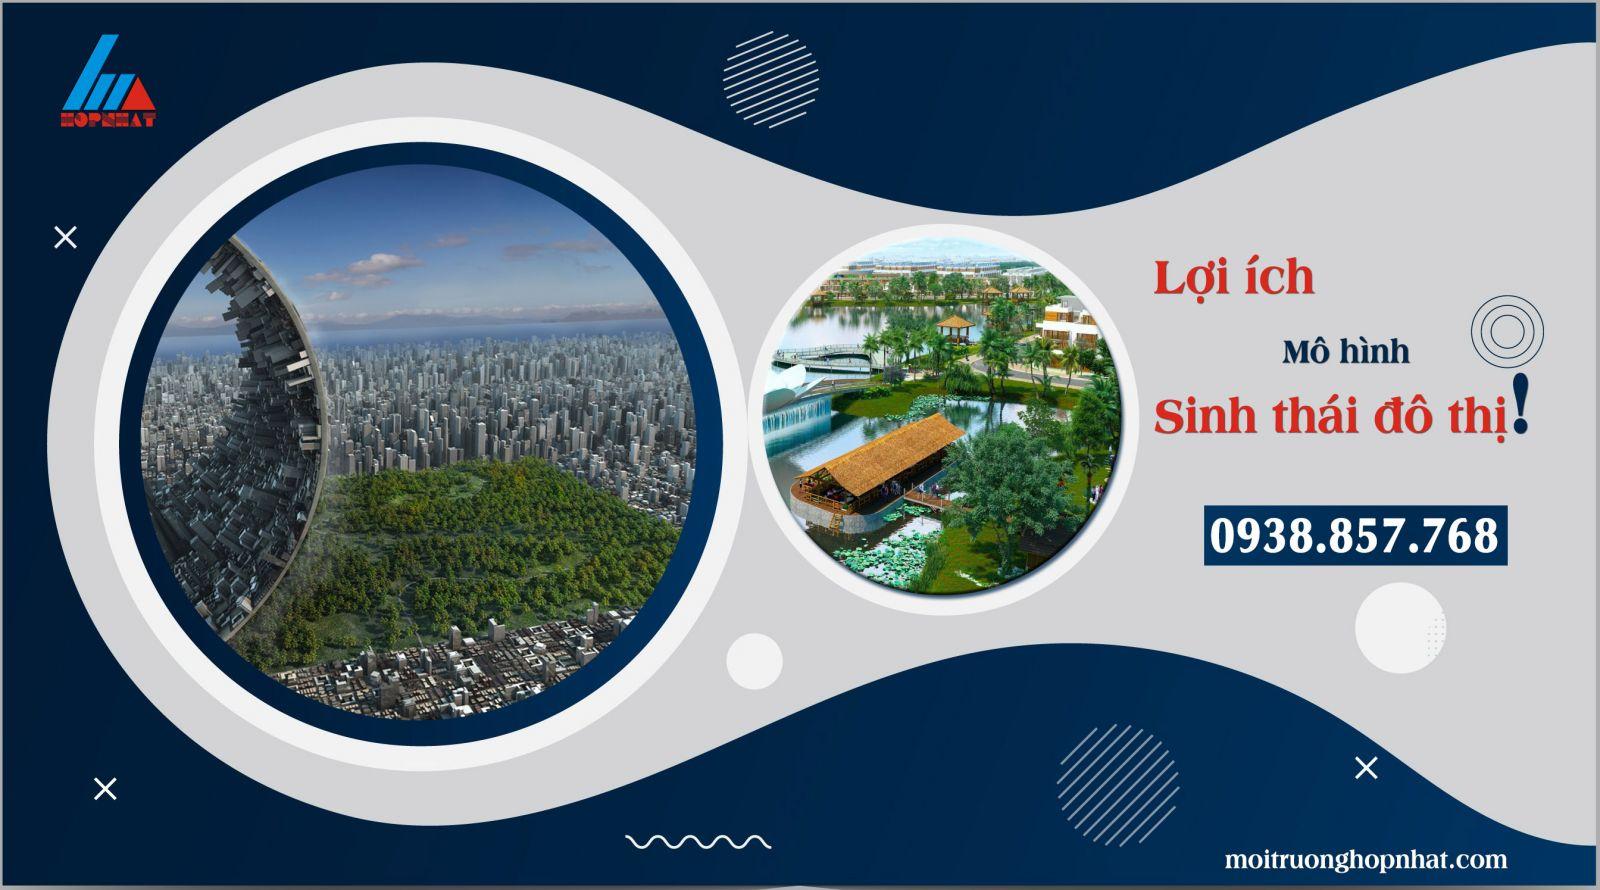 Lợi ích từ các mô hình sinh thái đô thị